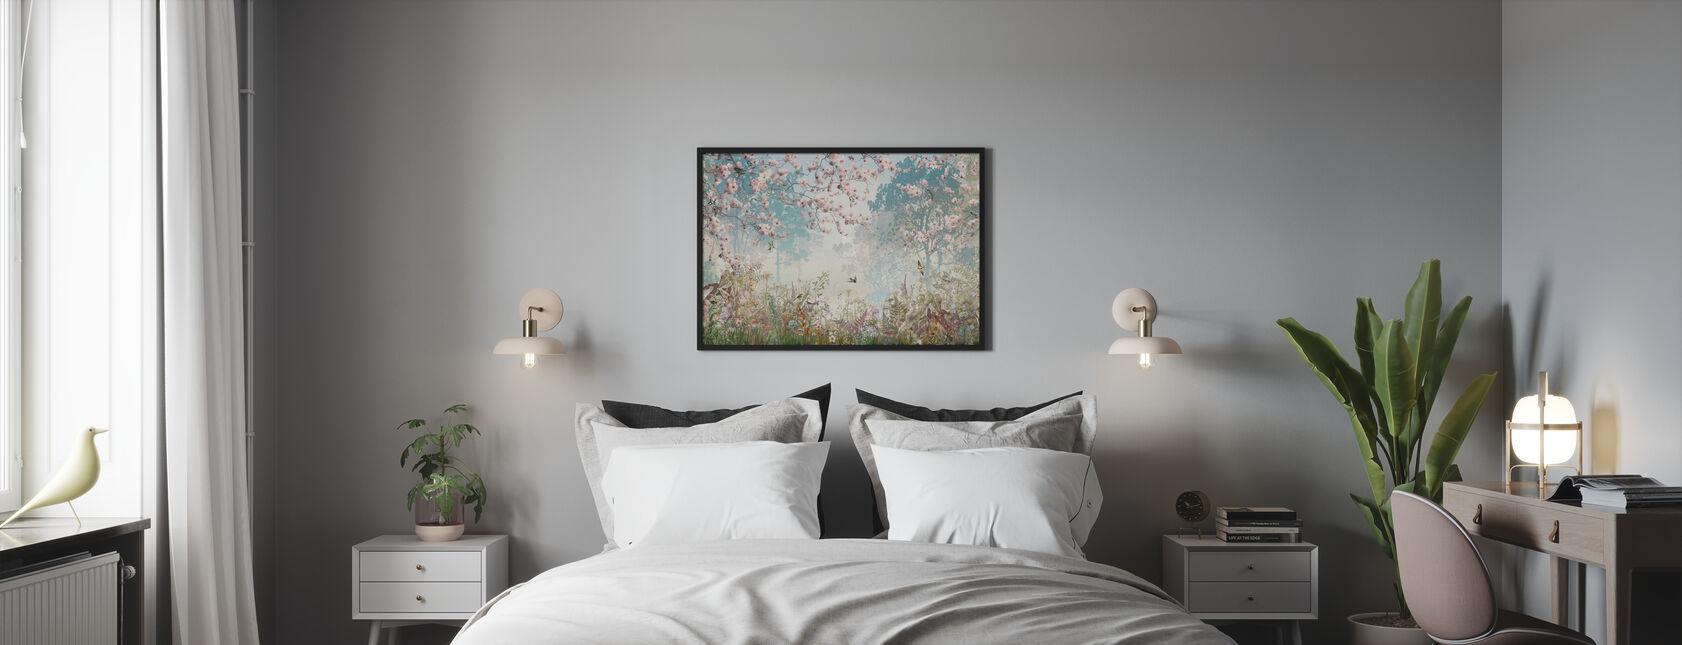 Sprankelende Garnder - Ingelijste print - Slaapkamer